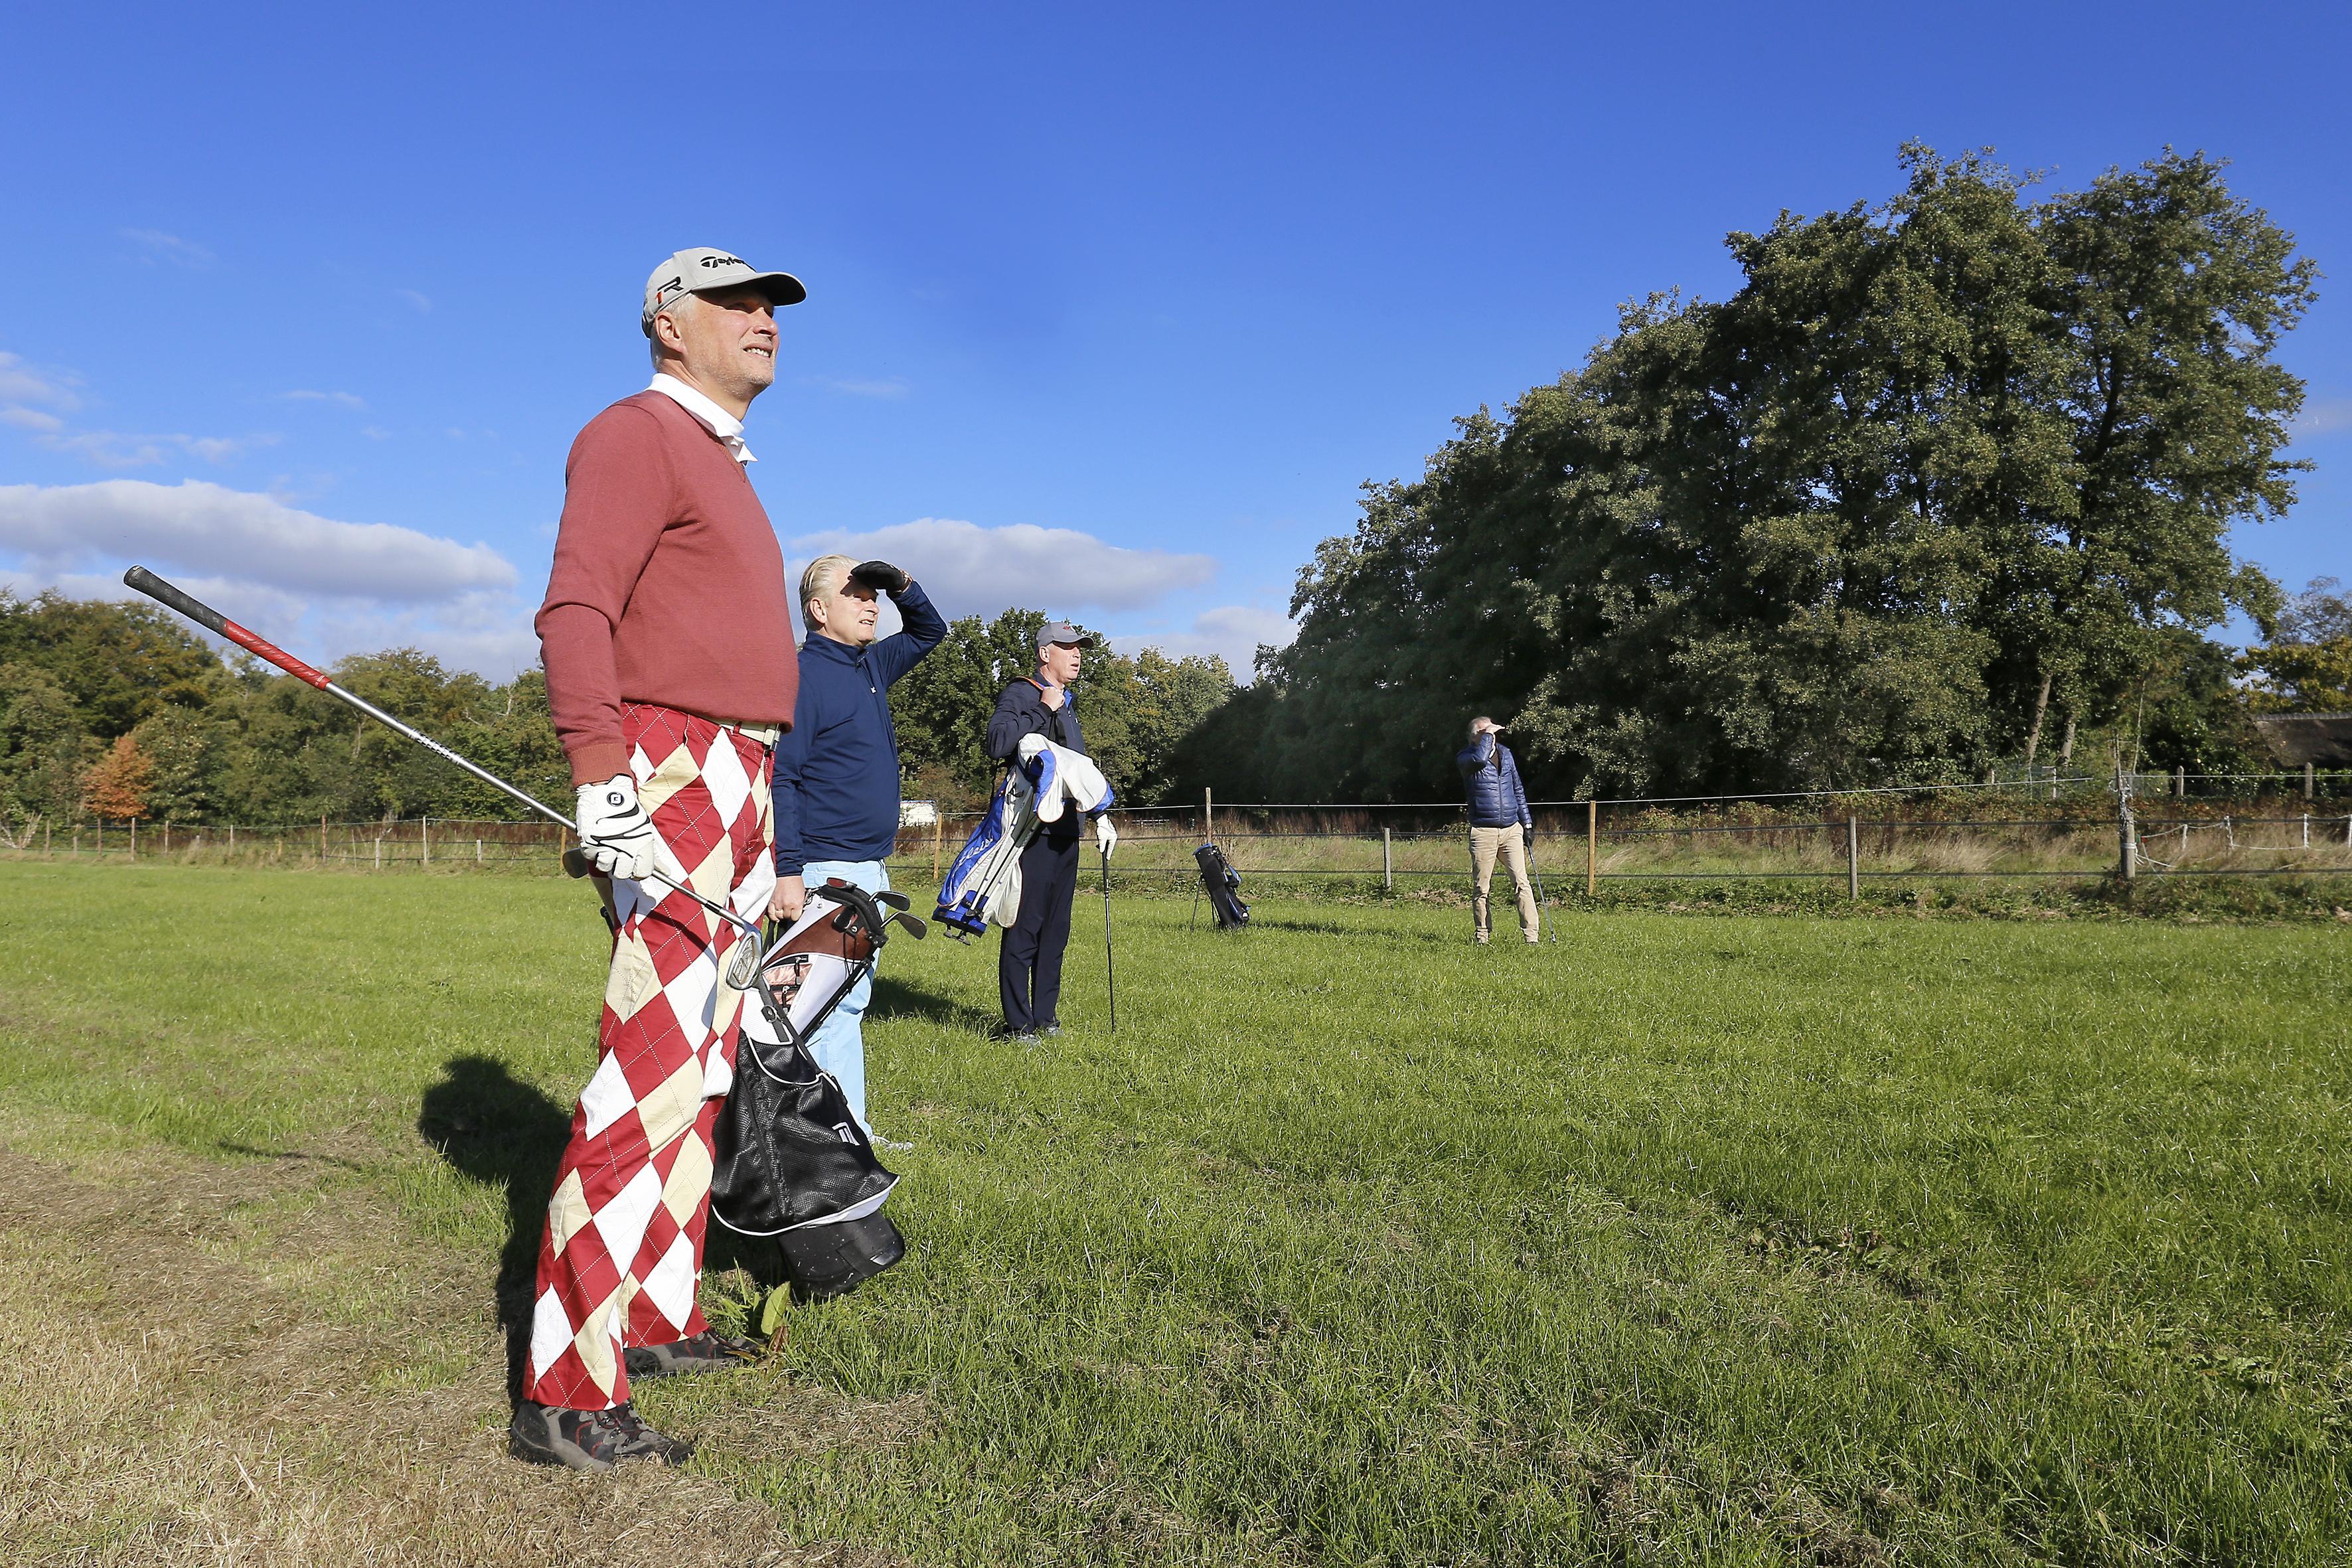 Blaricums golfevenement Golf & Country gaat zondag niet door